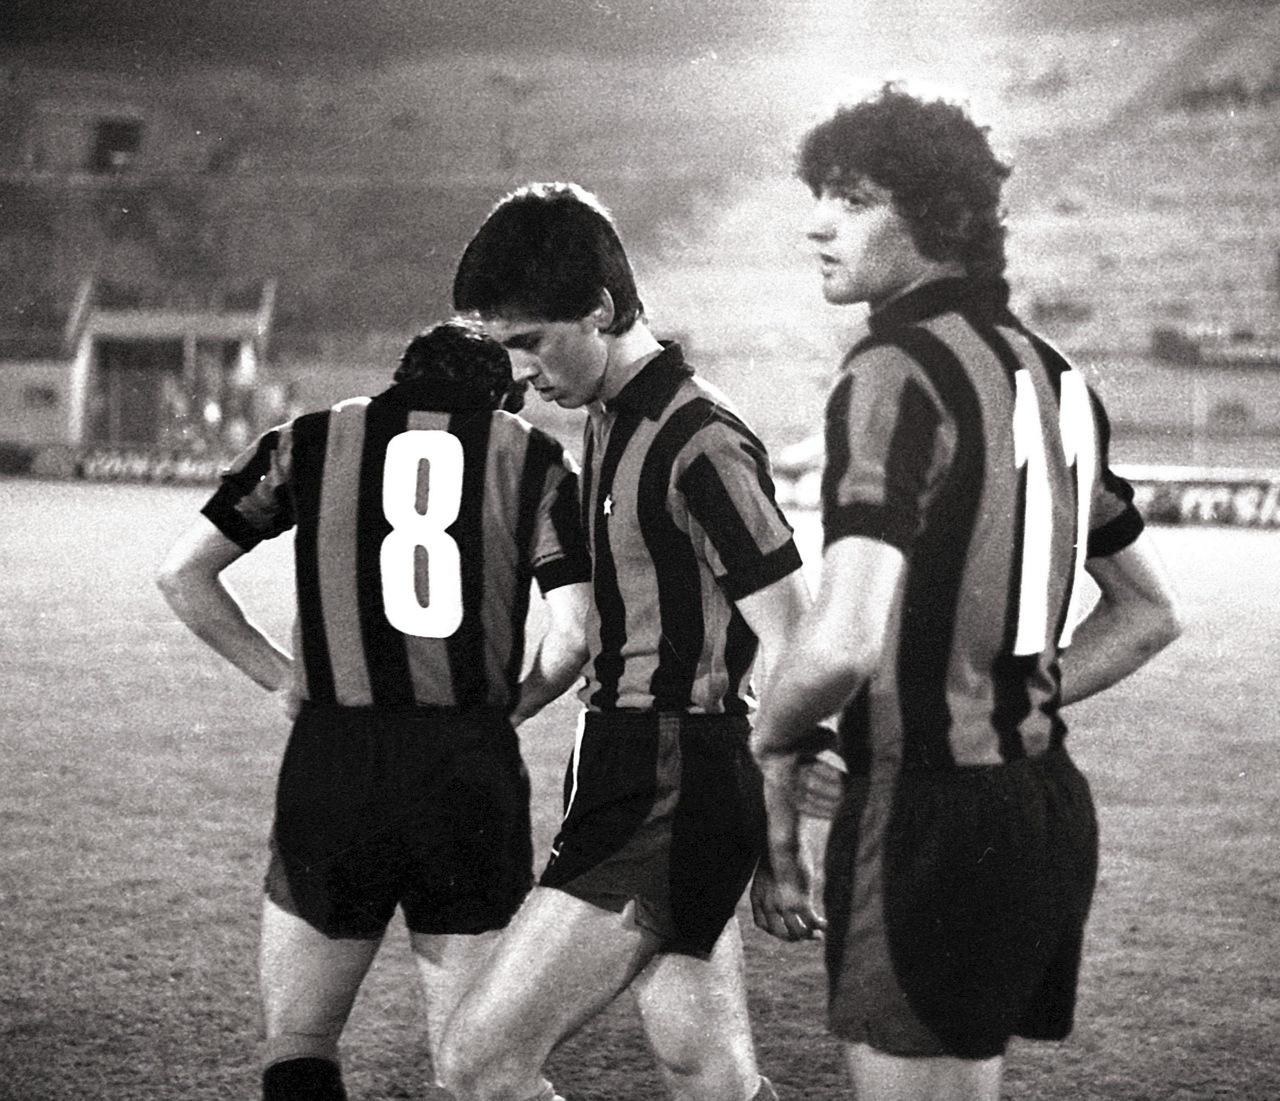 Ancelotti, en el centro, con 19 años, junto a Altobelli.